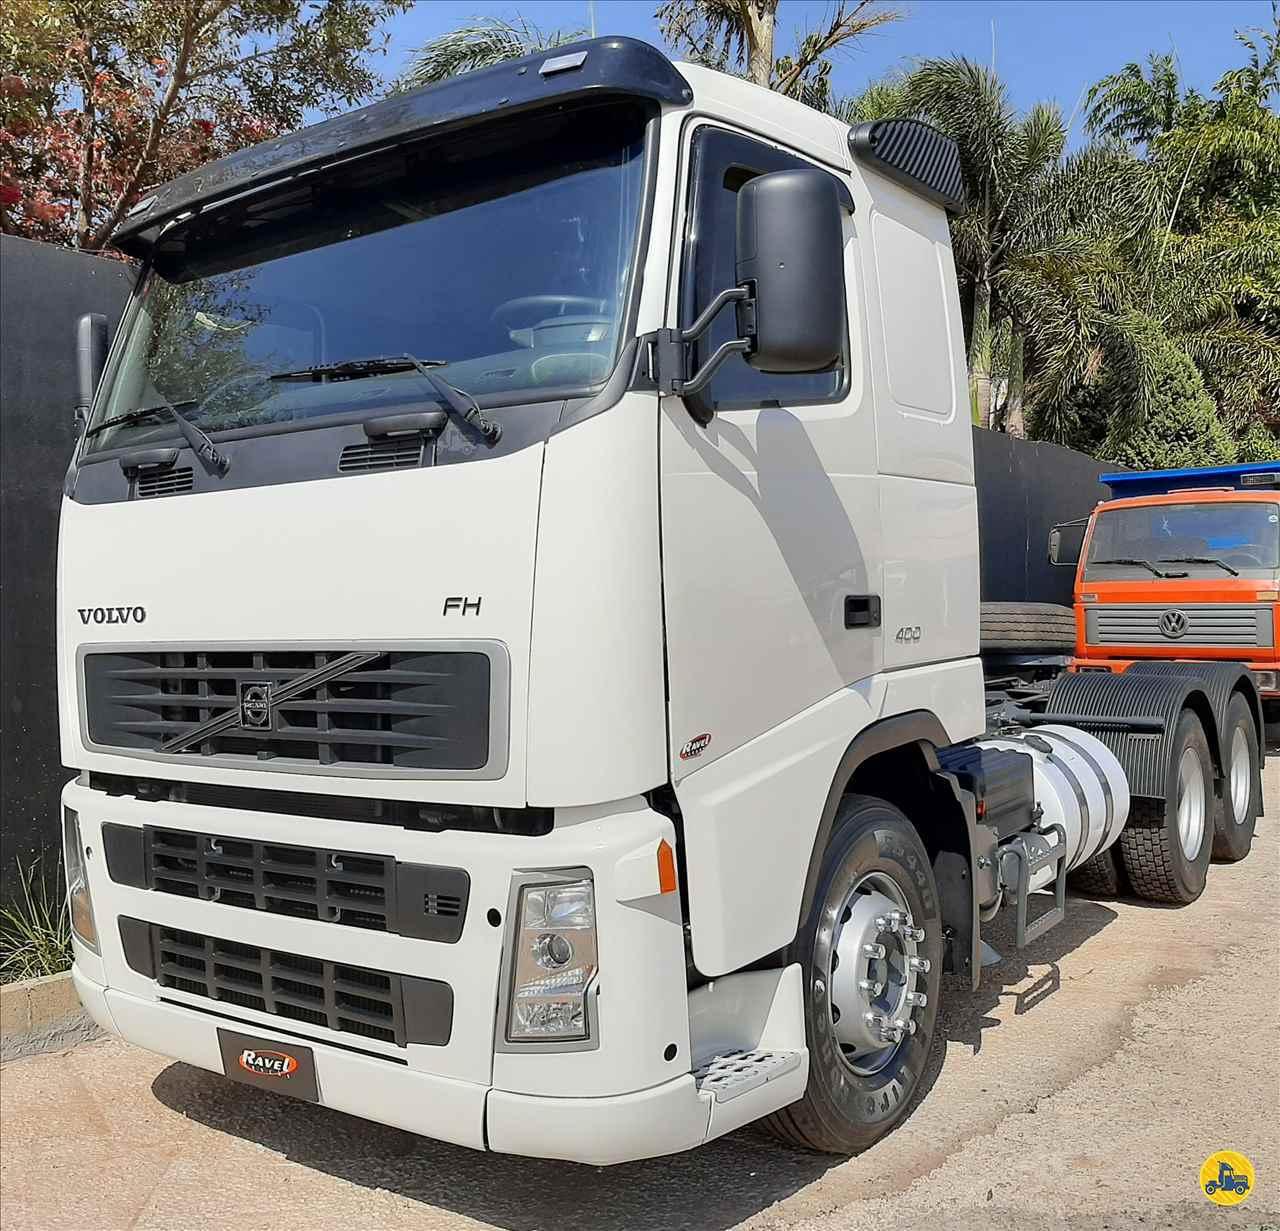 CAMINHAO VOLVO VOLVO FH 400 Cavalo Mecânico Truck 6x2 Ravel Trucks CRAVINHOS SÃO PAULO SP